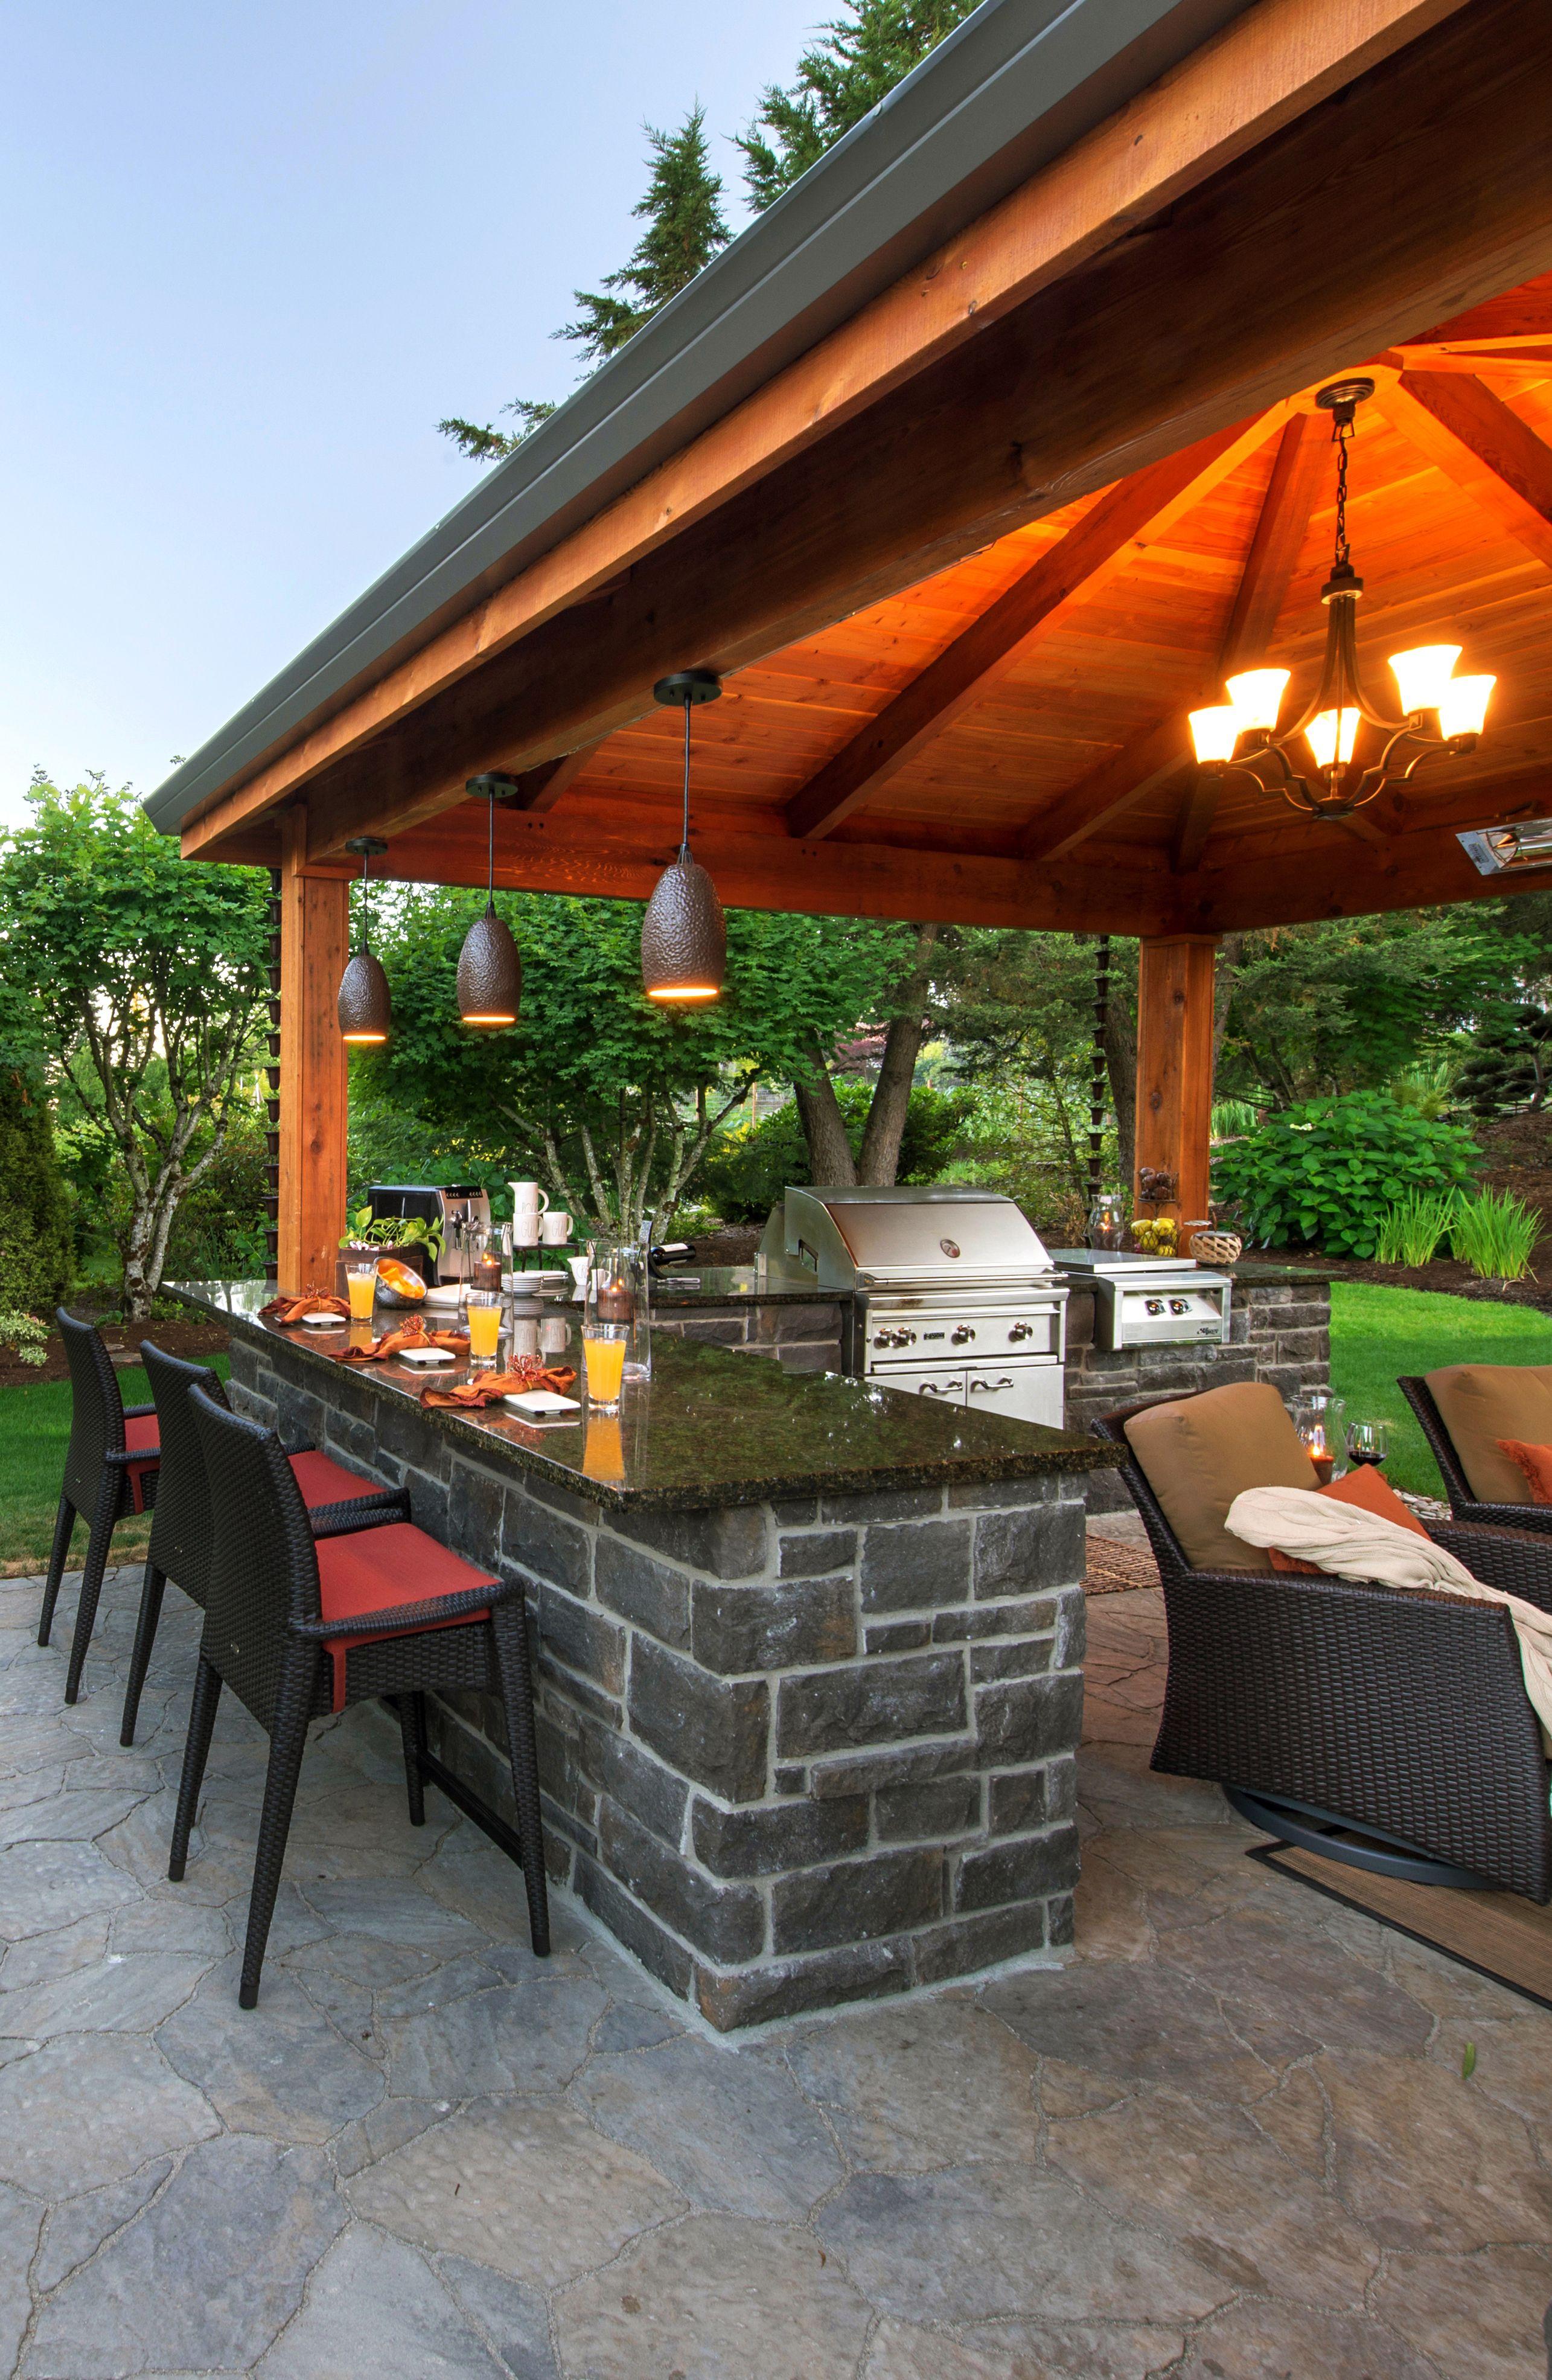 86 Outdoor Bar Kitchen Ideas In 2021 Outdoor Kitchen Design Outdoor Kitchen Outdoor Bar